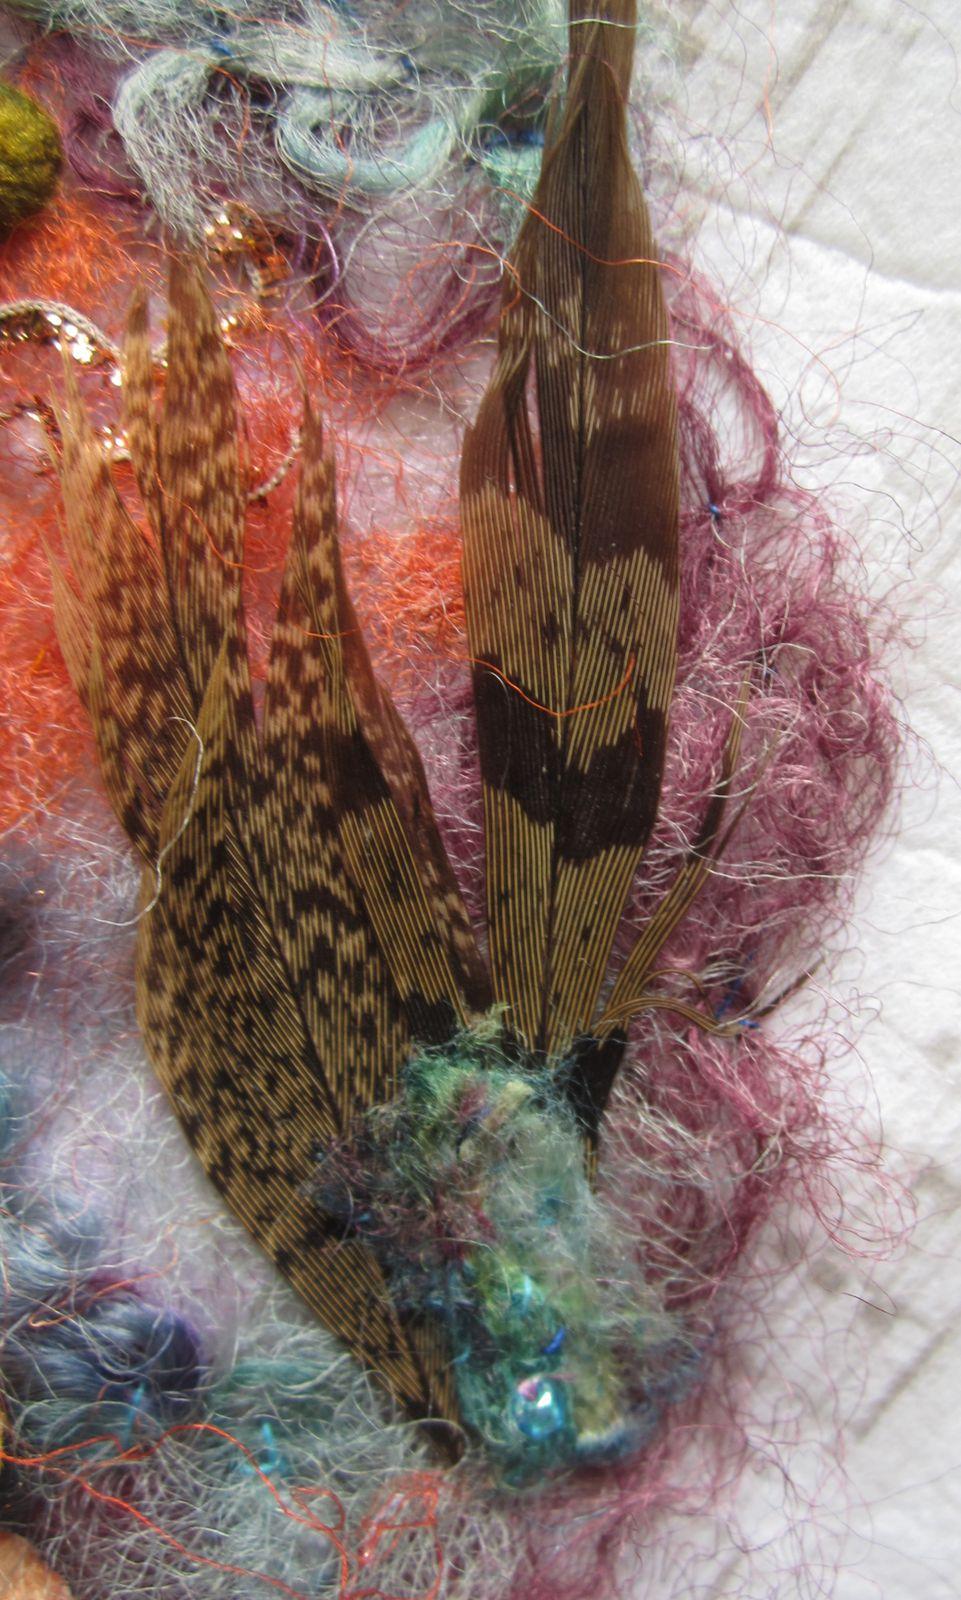 De la soie , des cocons, des plumes , des perles et des fils d'or  ....